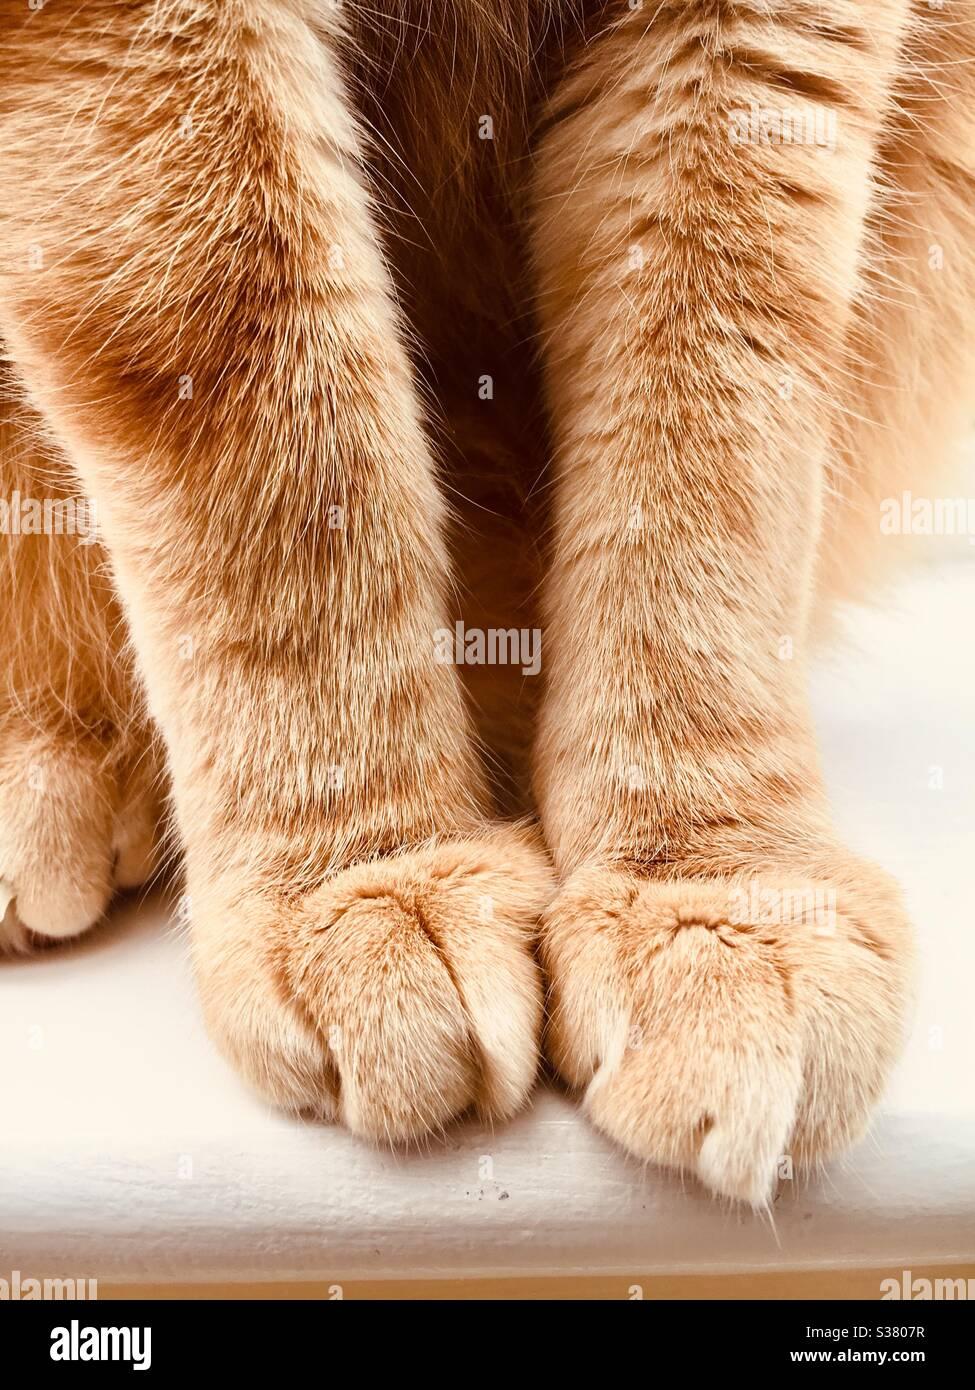 Gros plan d'un chat de tabby au gingembre avec pattes avant Banque D'Images